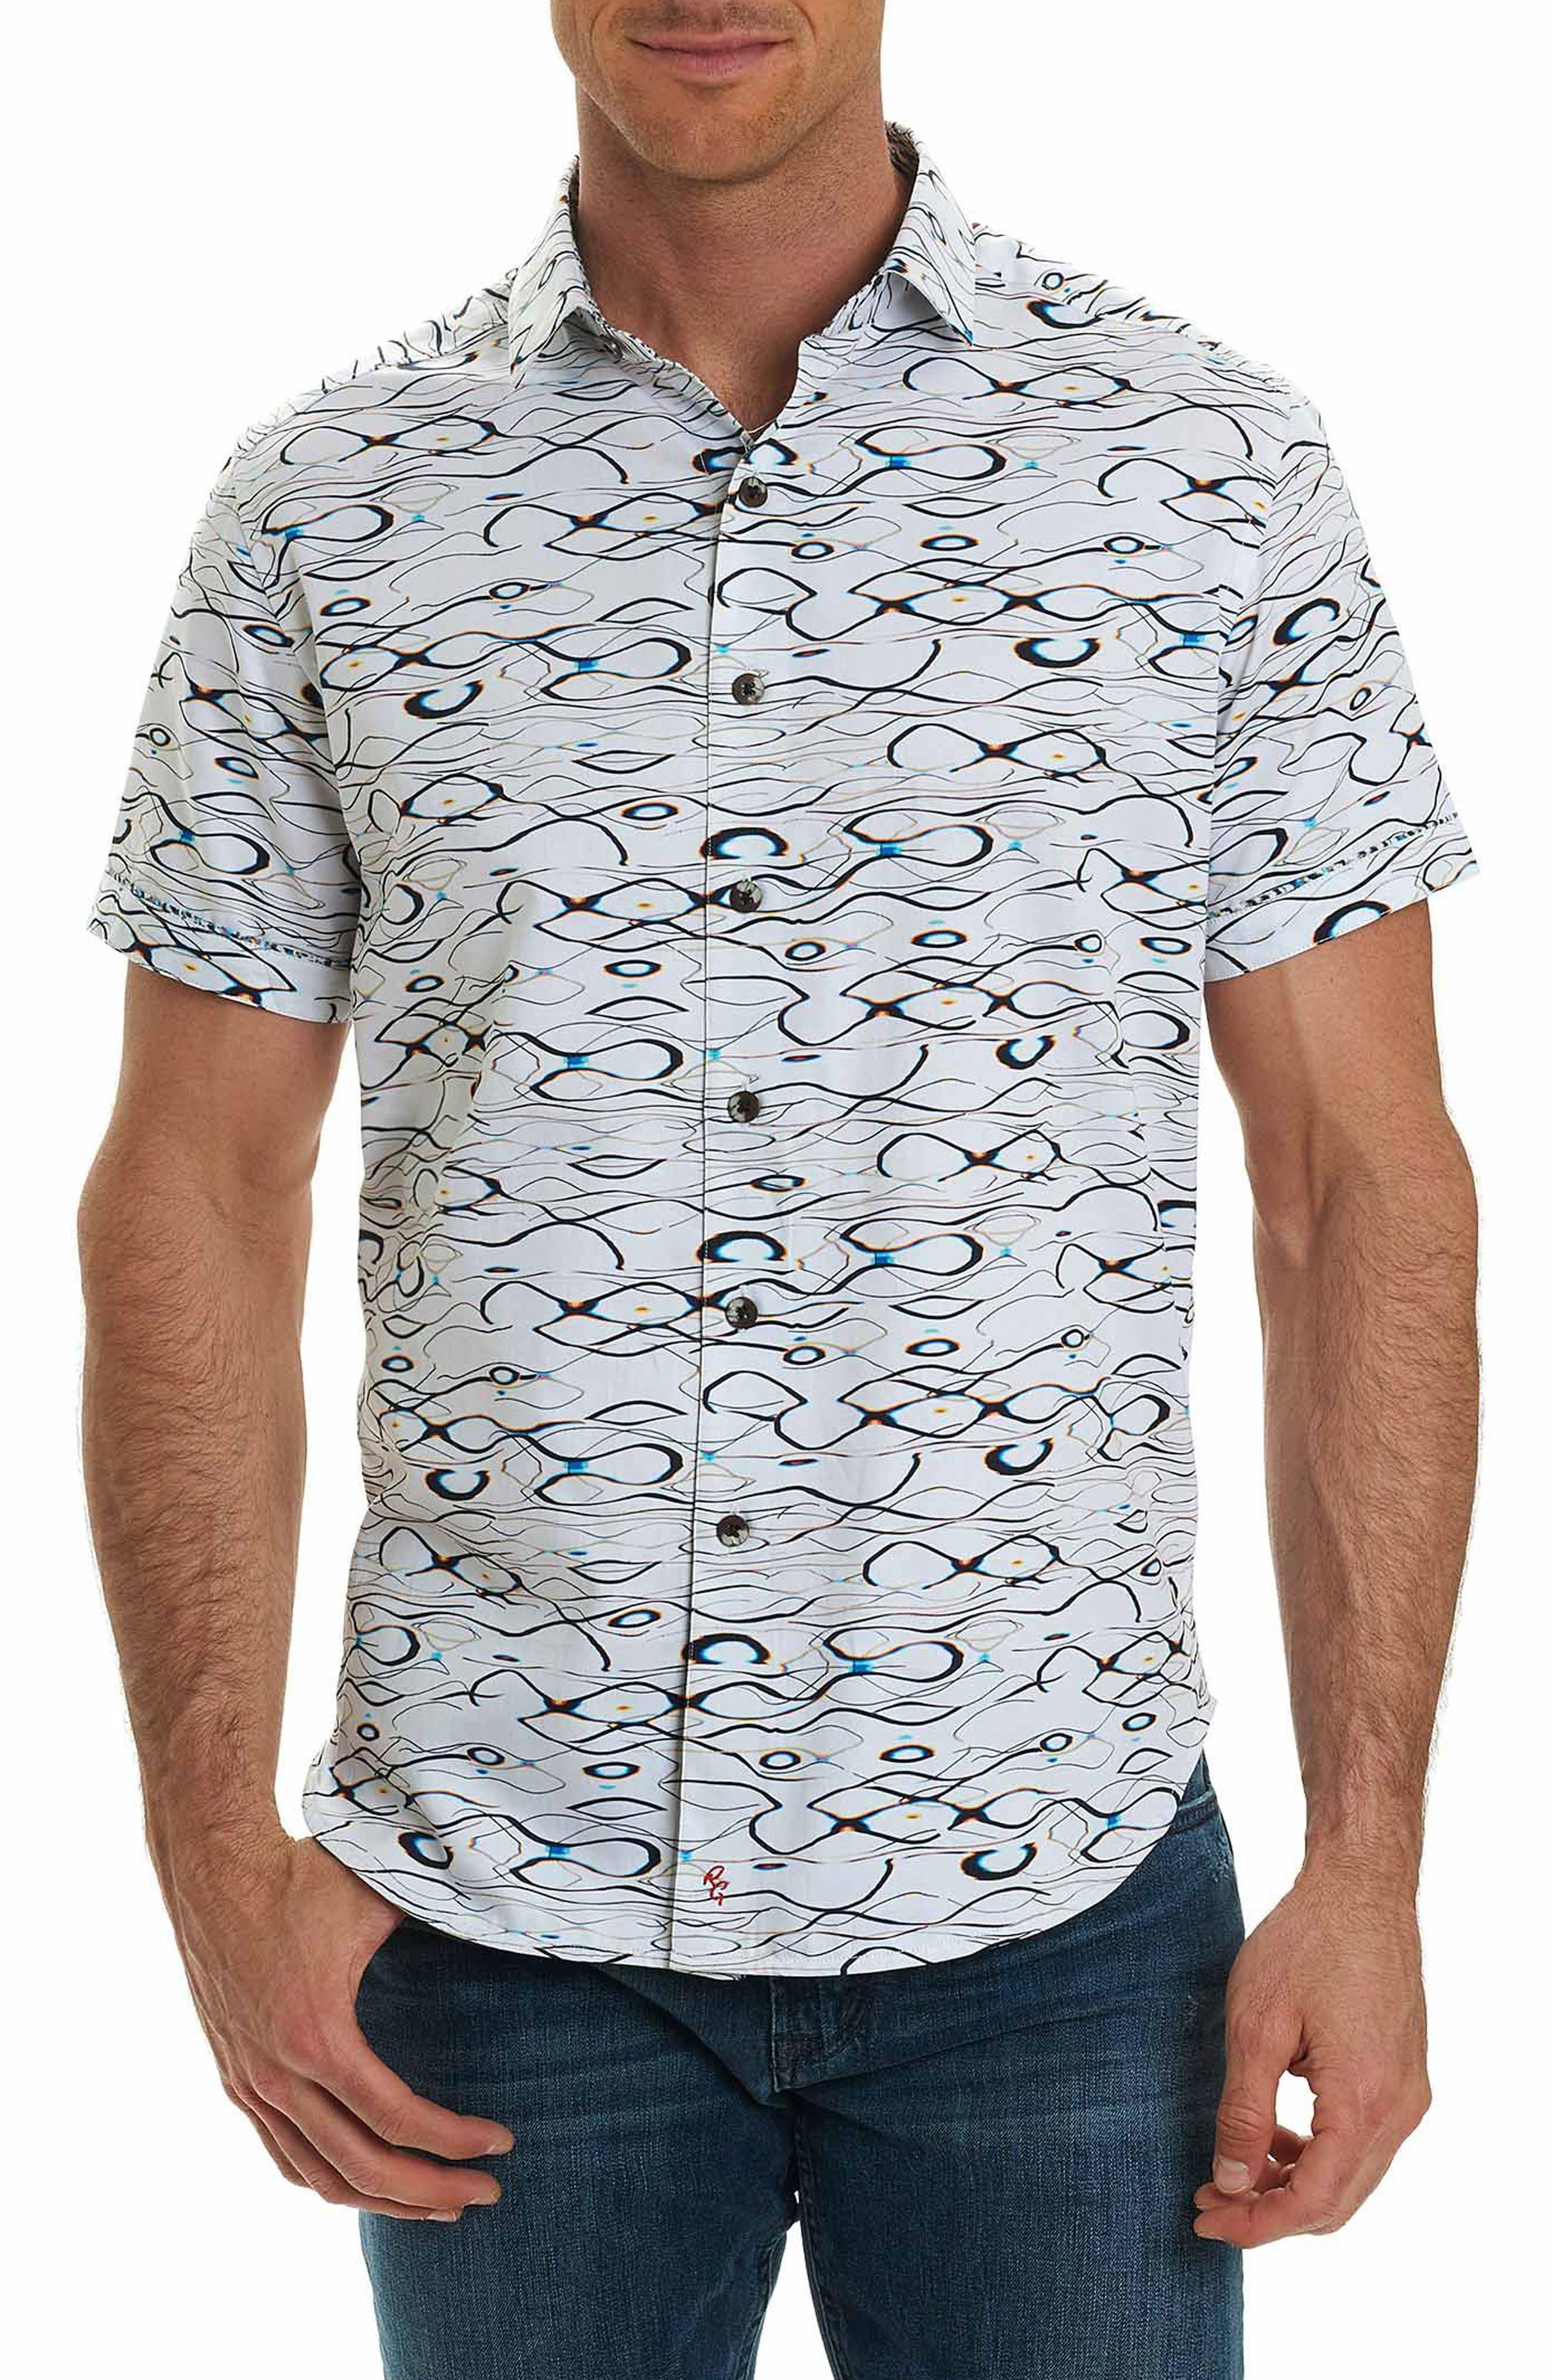 Illusions Sport Shirt,                             Main thumbnail 1, color,                             100